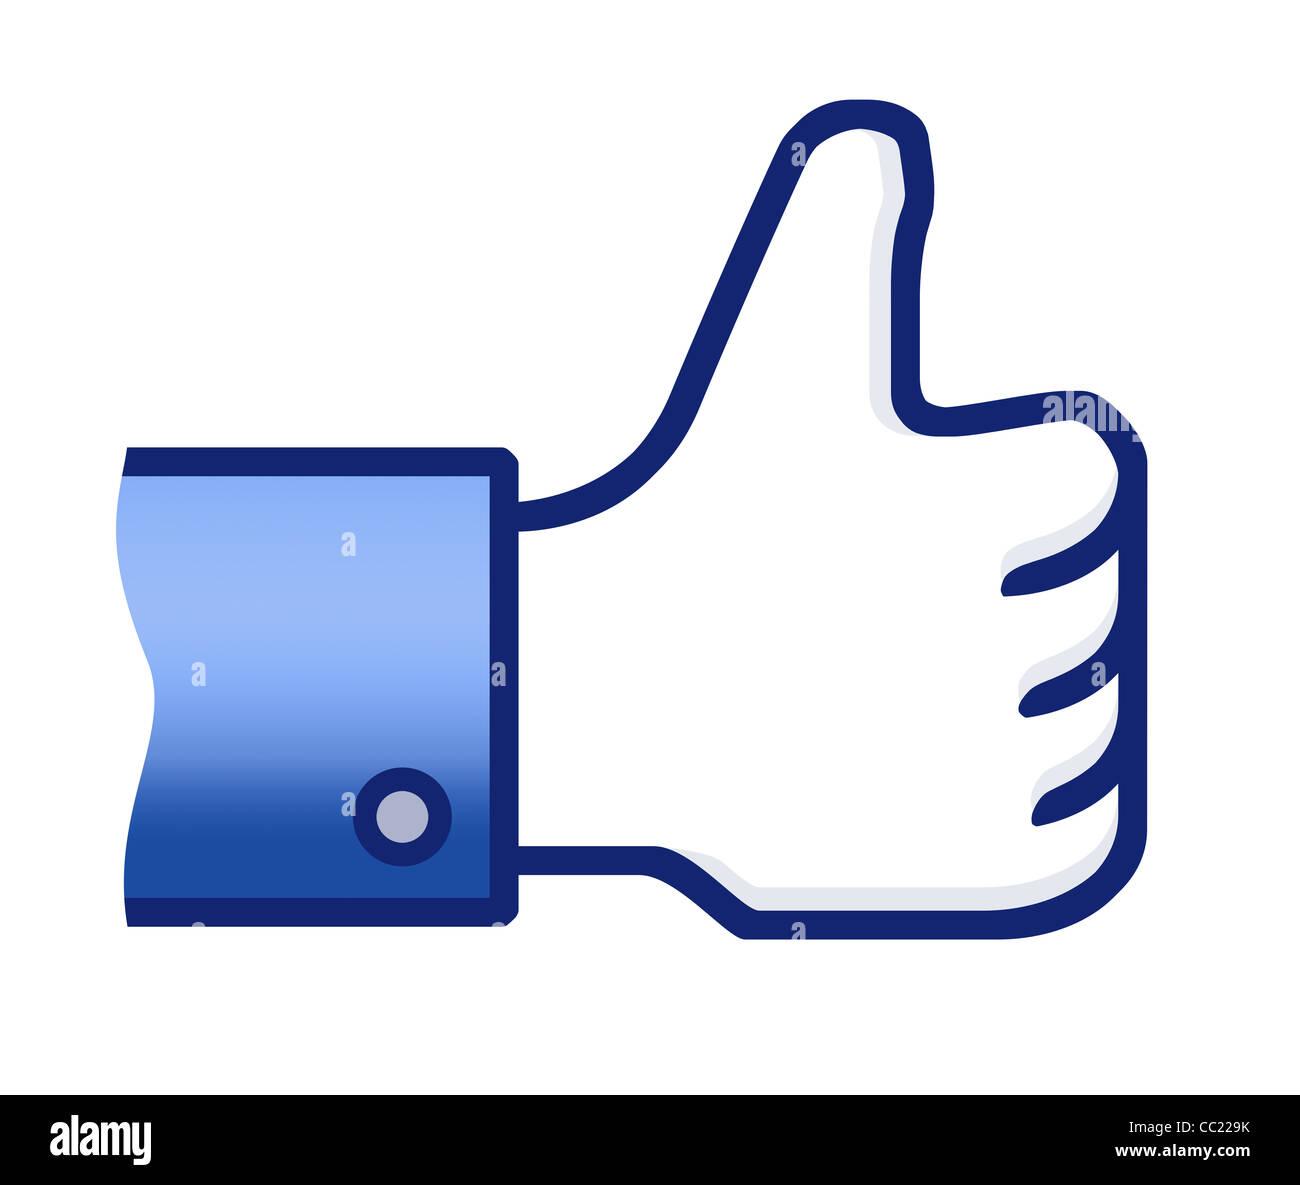 Illustration de l'facebook thumb up part signe. Isolé sur blanc. Photo Stock